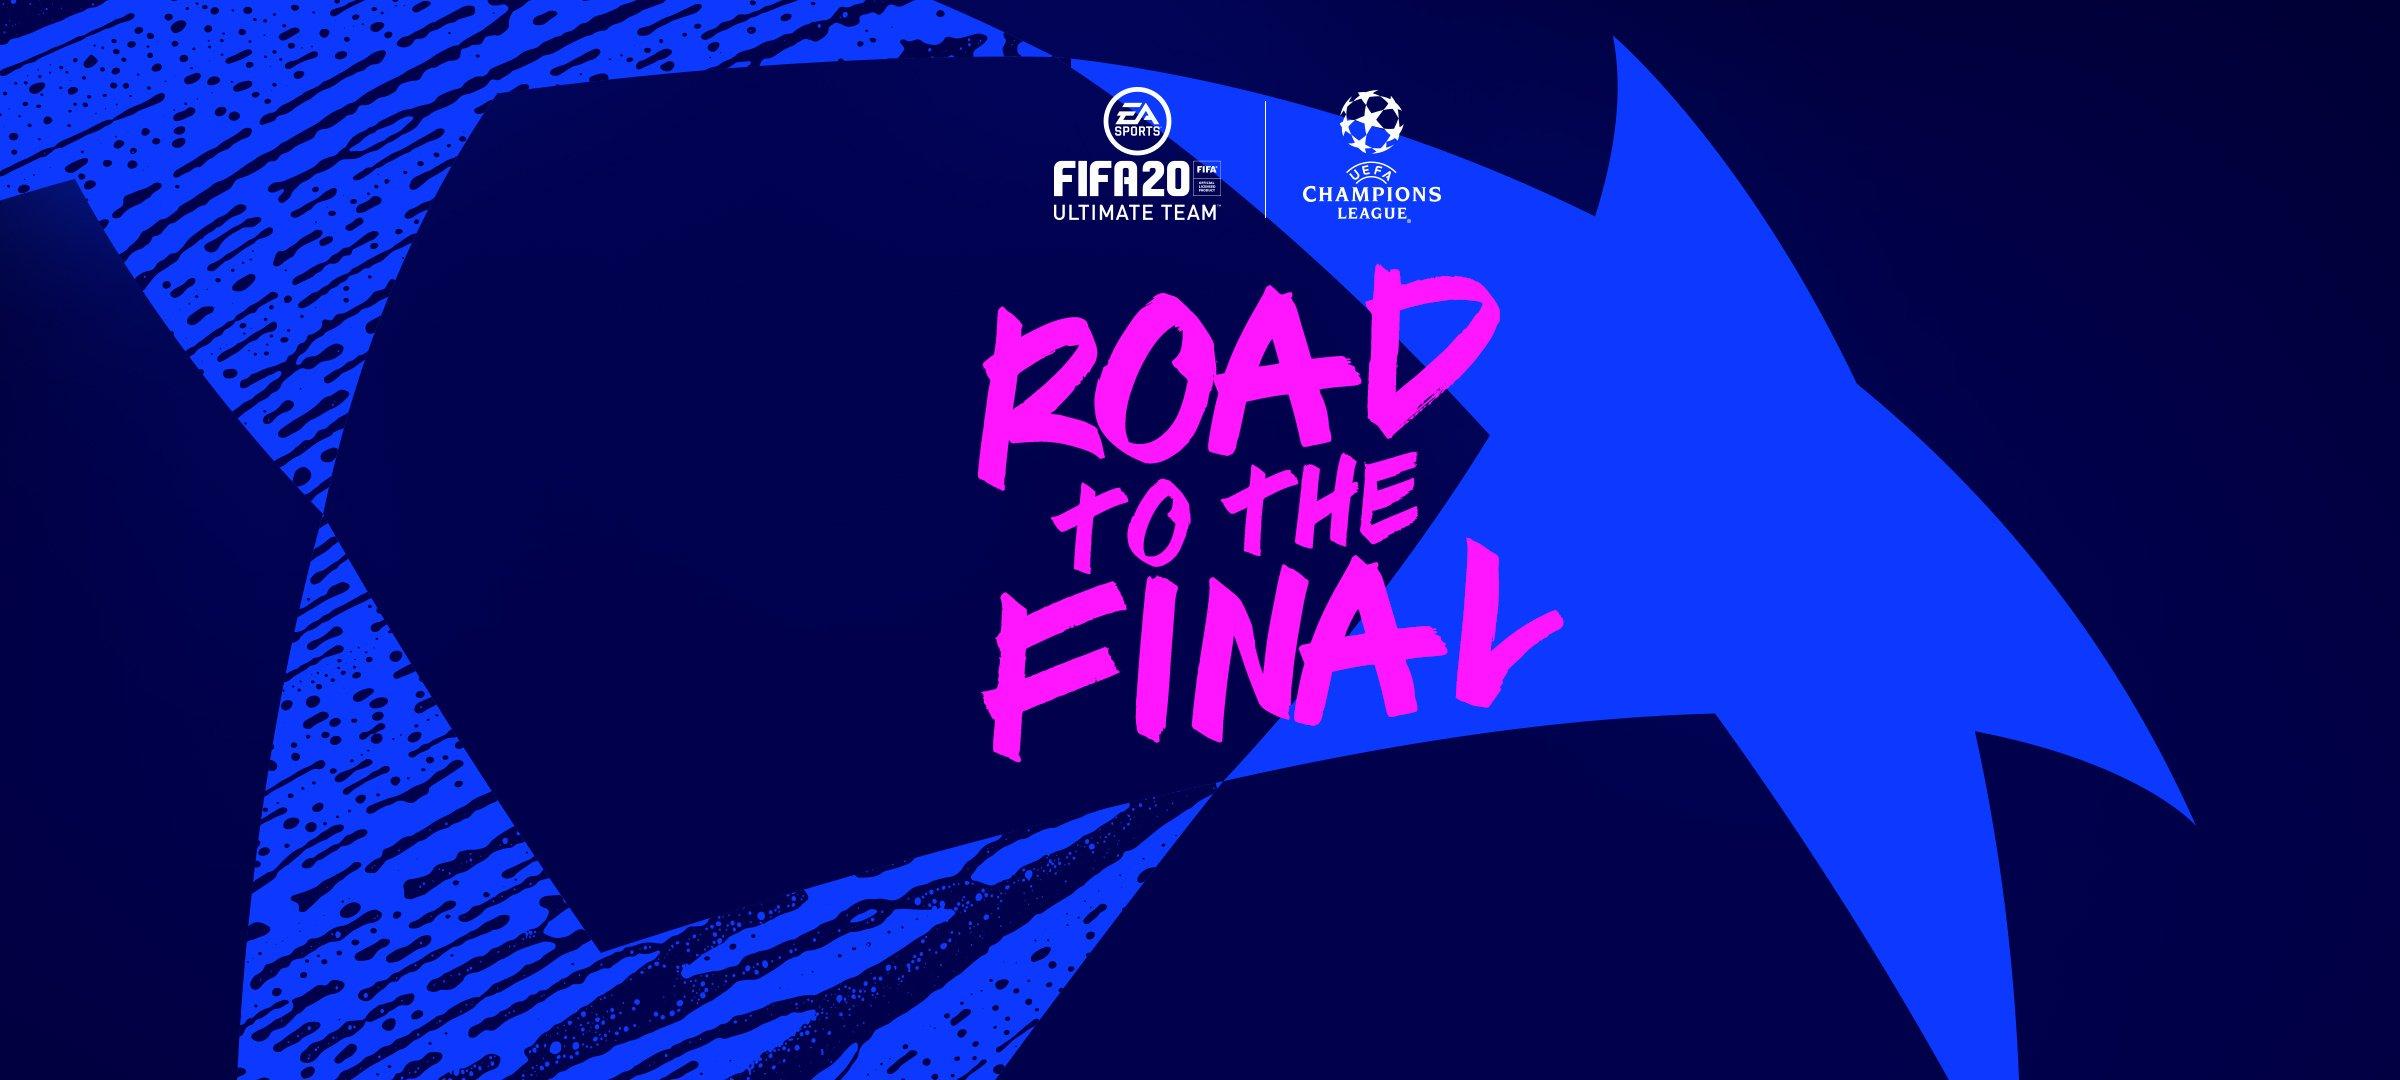 FIFA 20, Команда недели FIFA 20